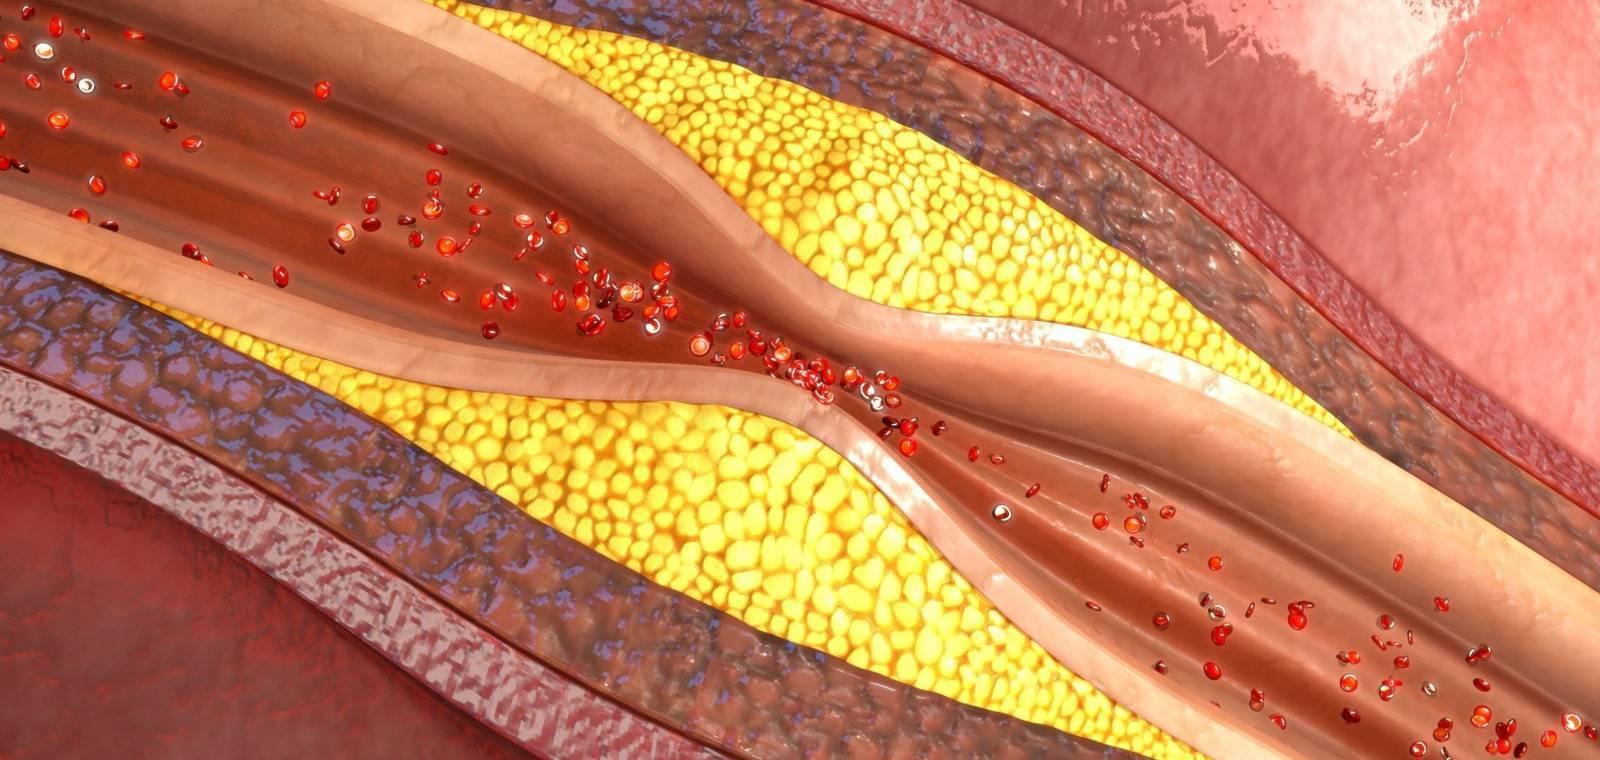 холестириновые бляшки